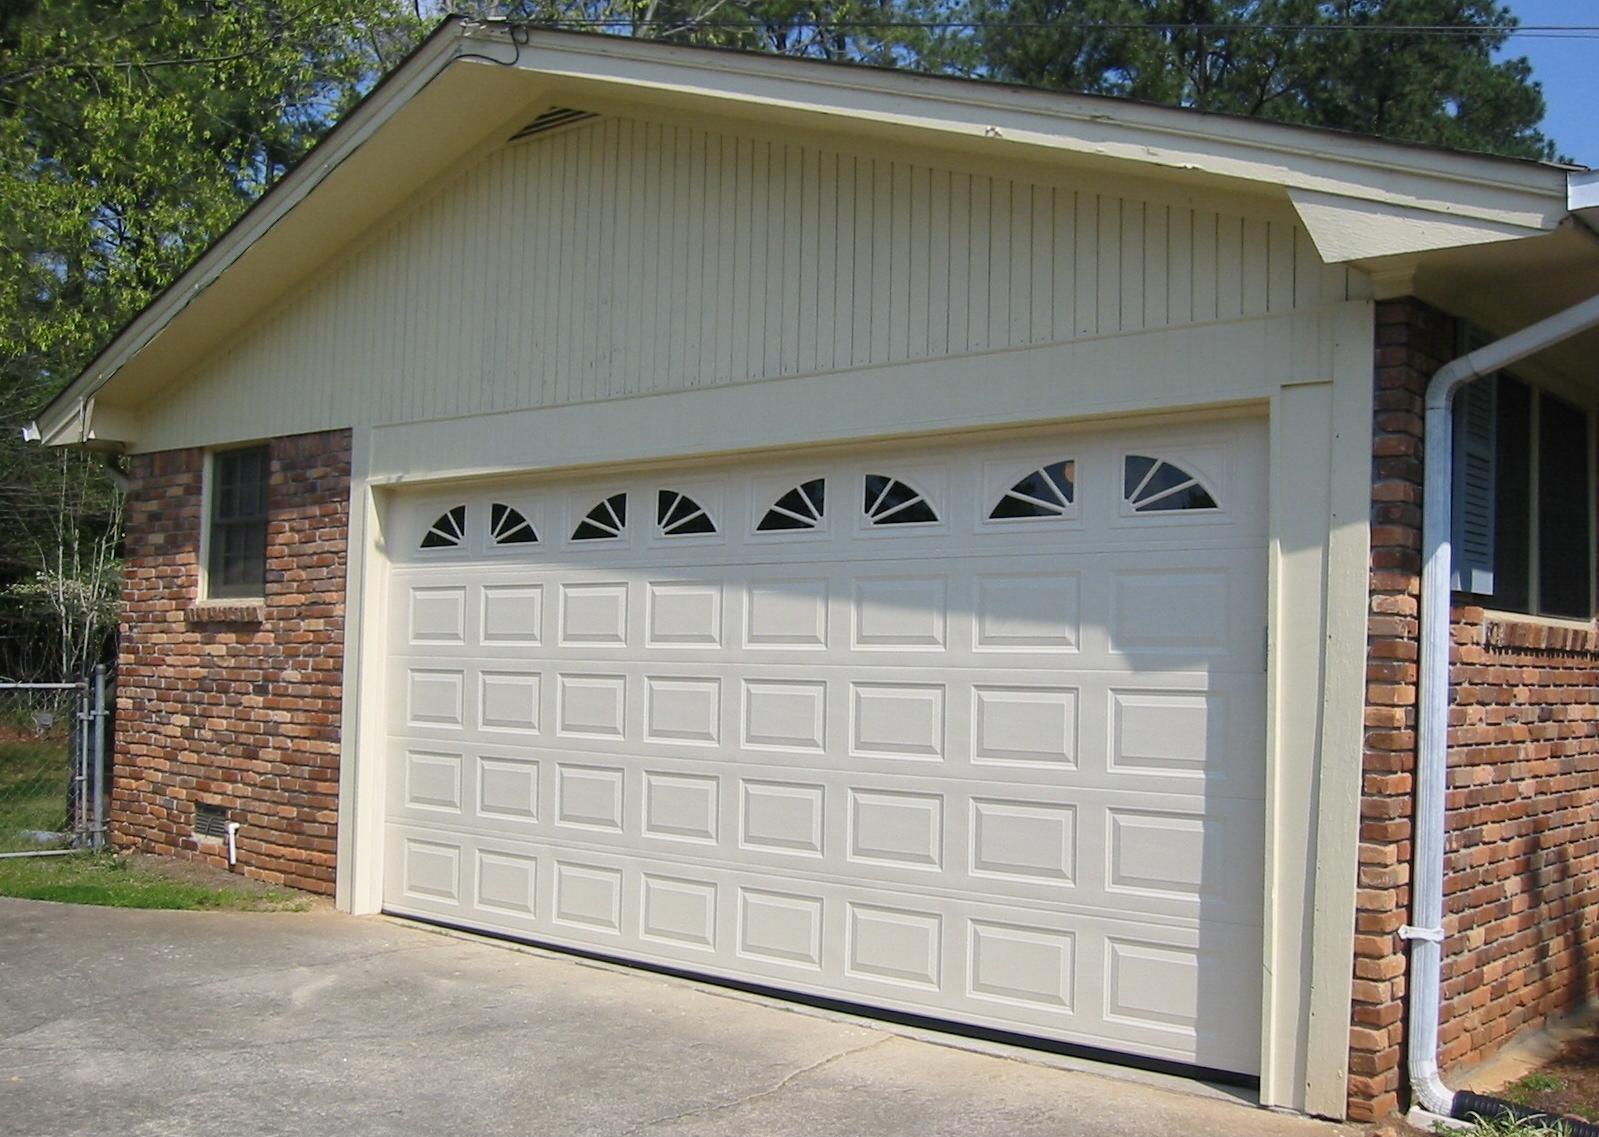 Puertas automaticas alcoy puertas de garaje automaticas for Puertas de cochera automaticas